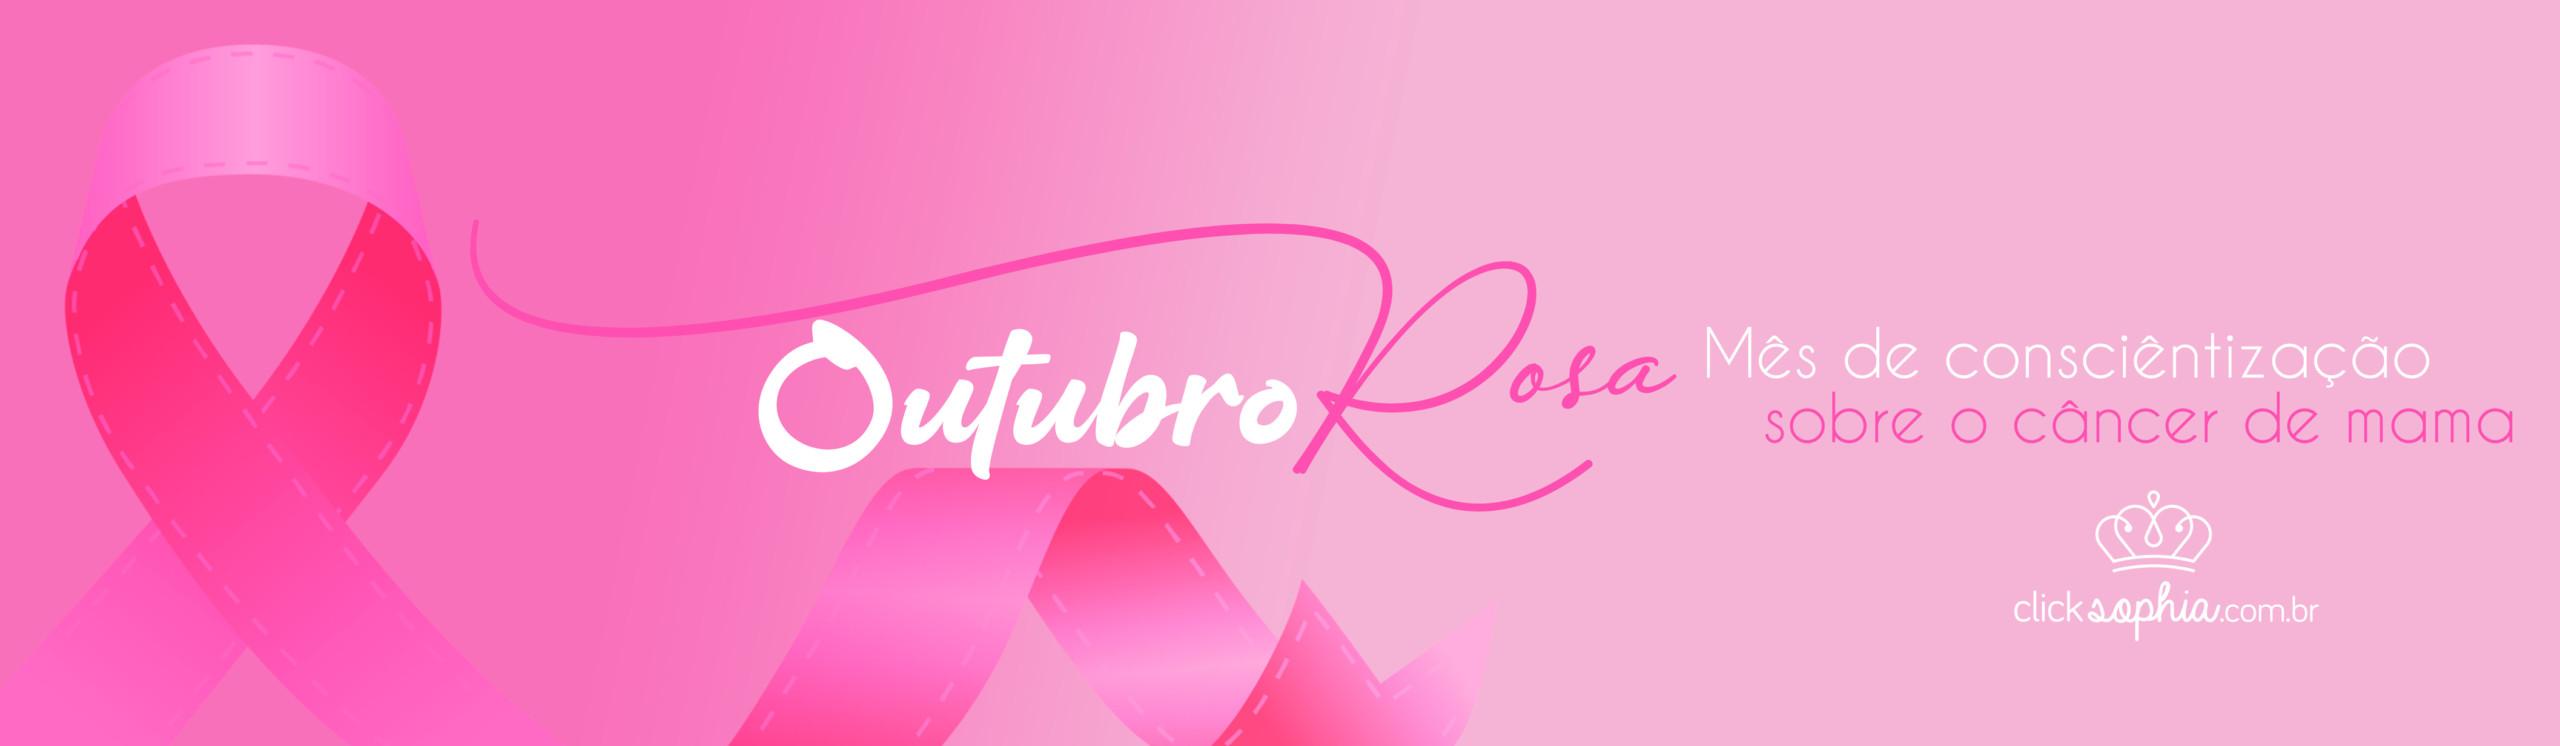 outubro rosa 2021 desktop